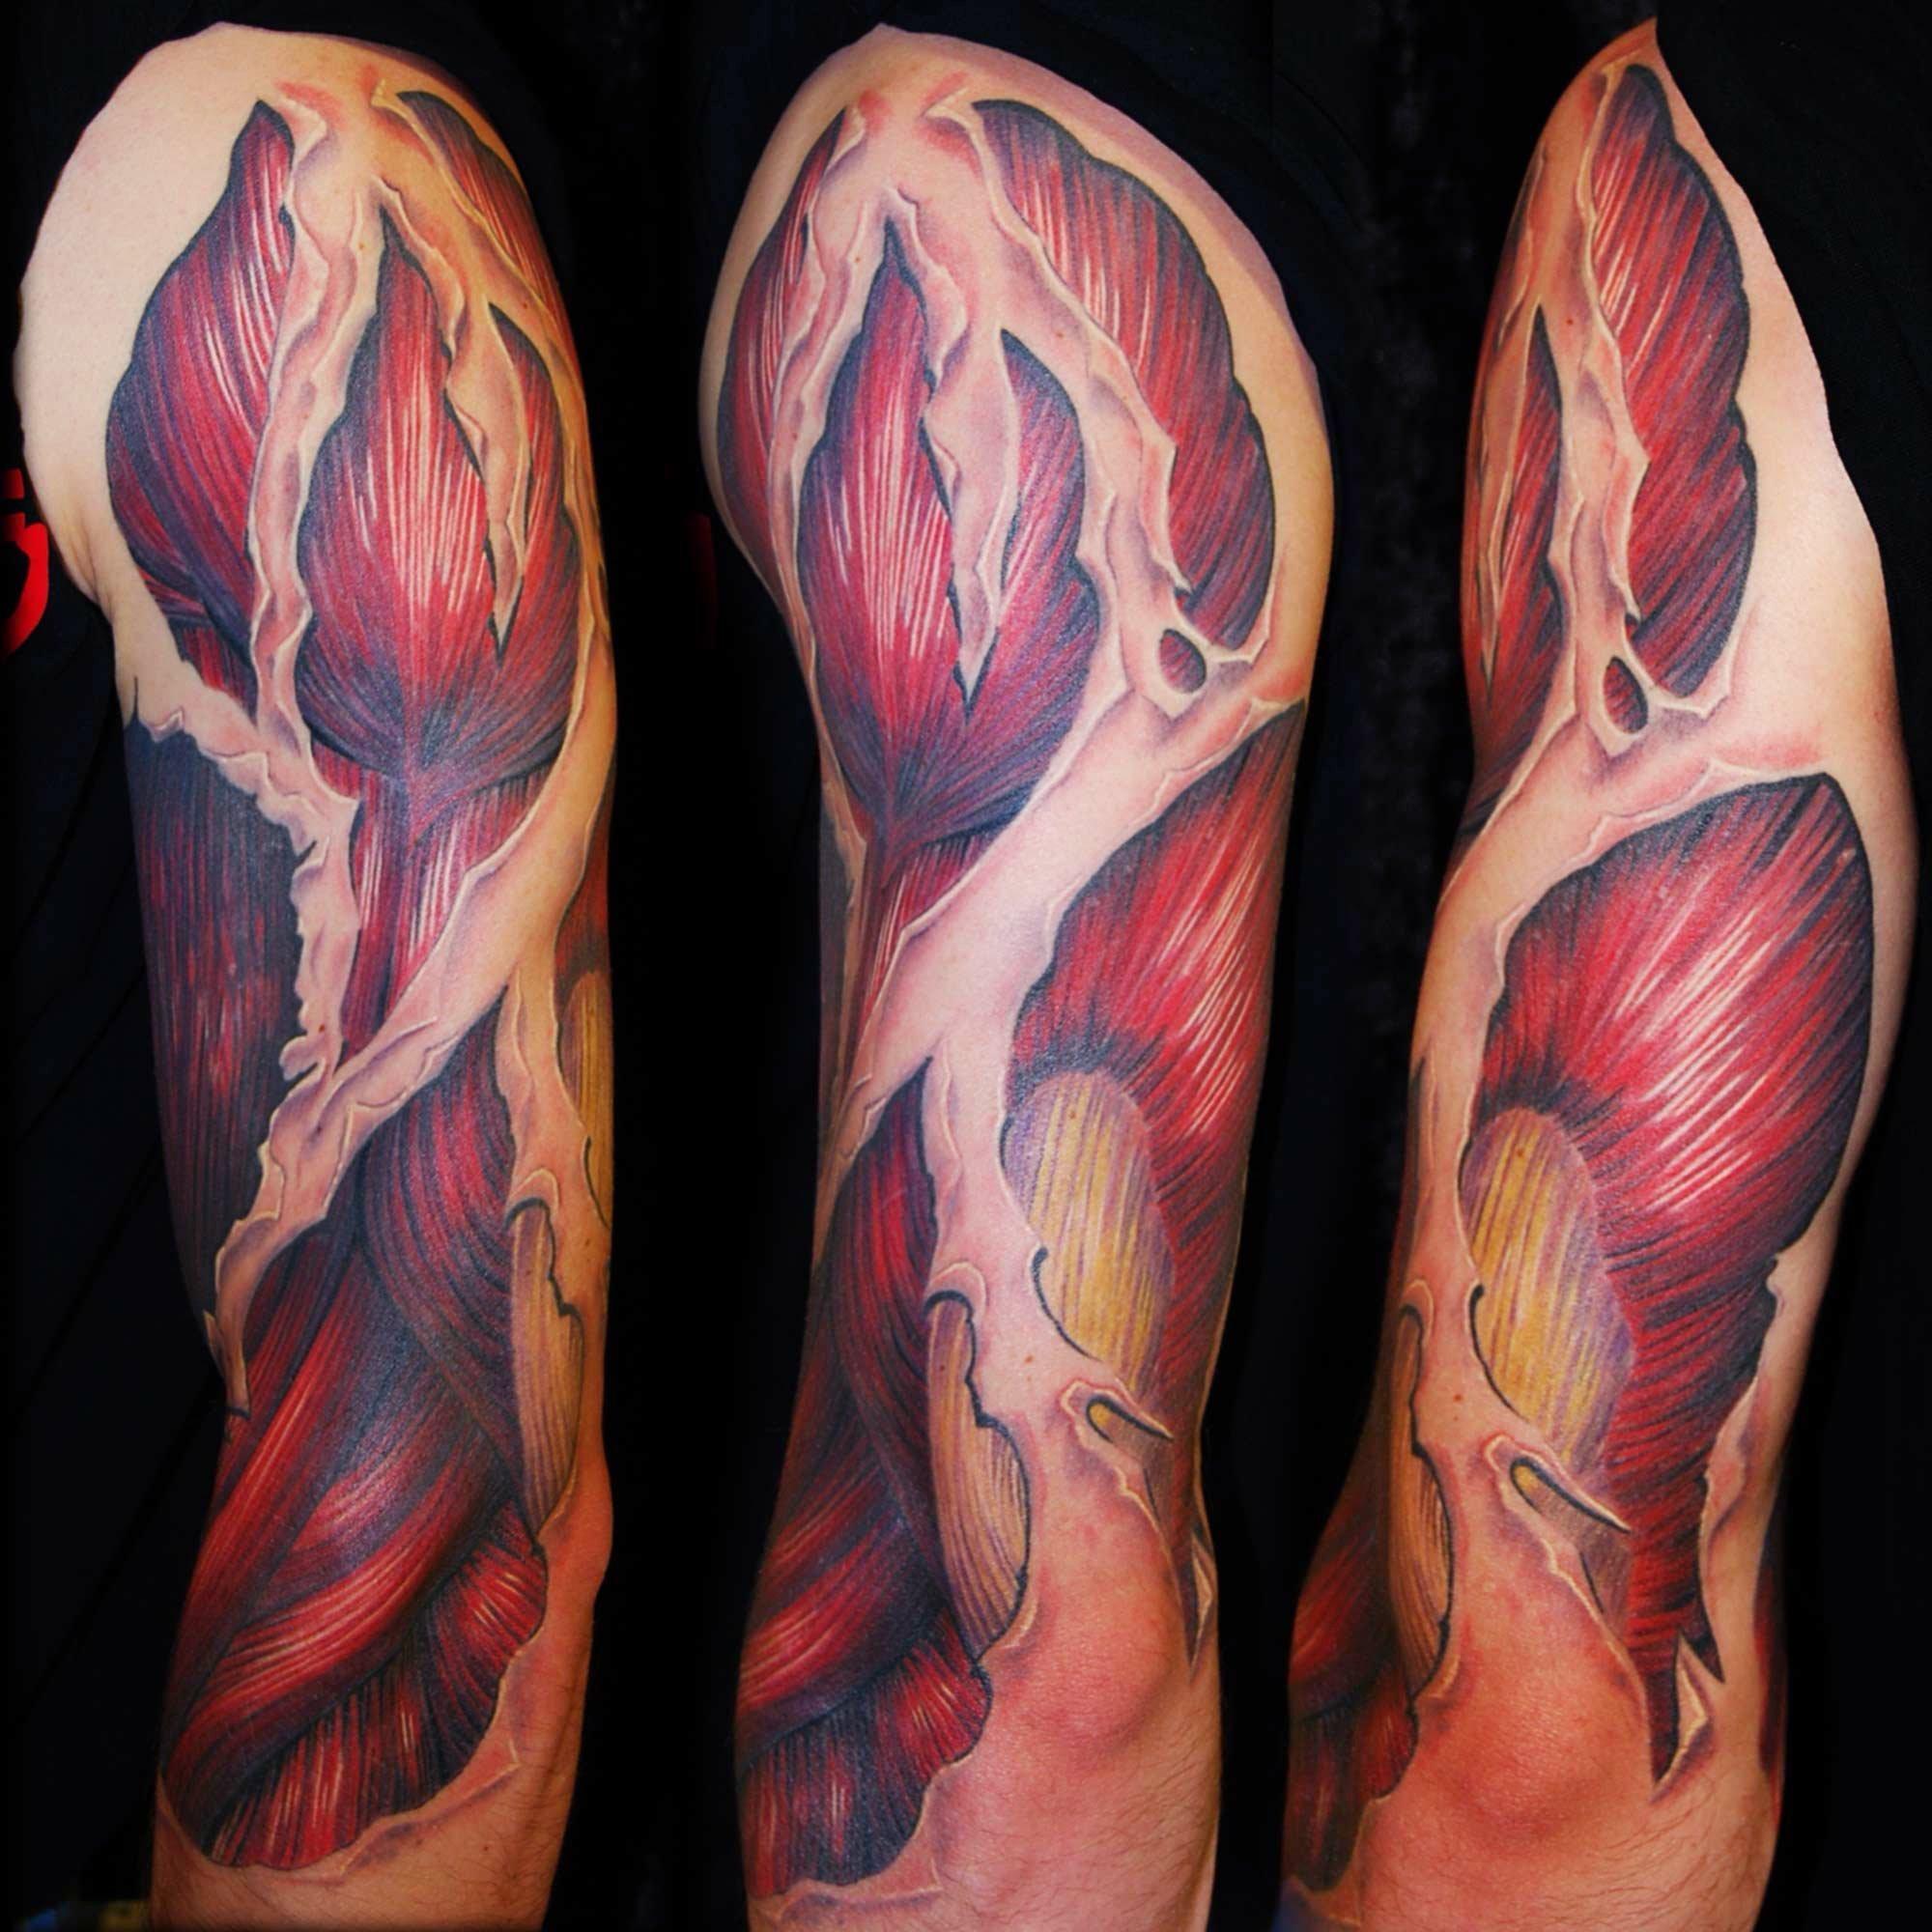 Biomechanik Arm Tattoo mit Muskulatur und Hautfetzen München